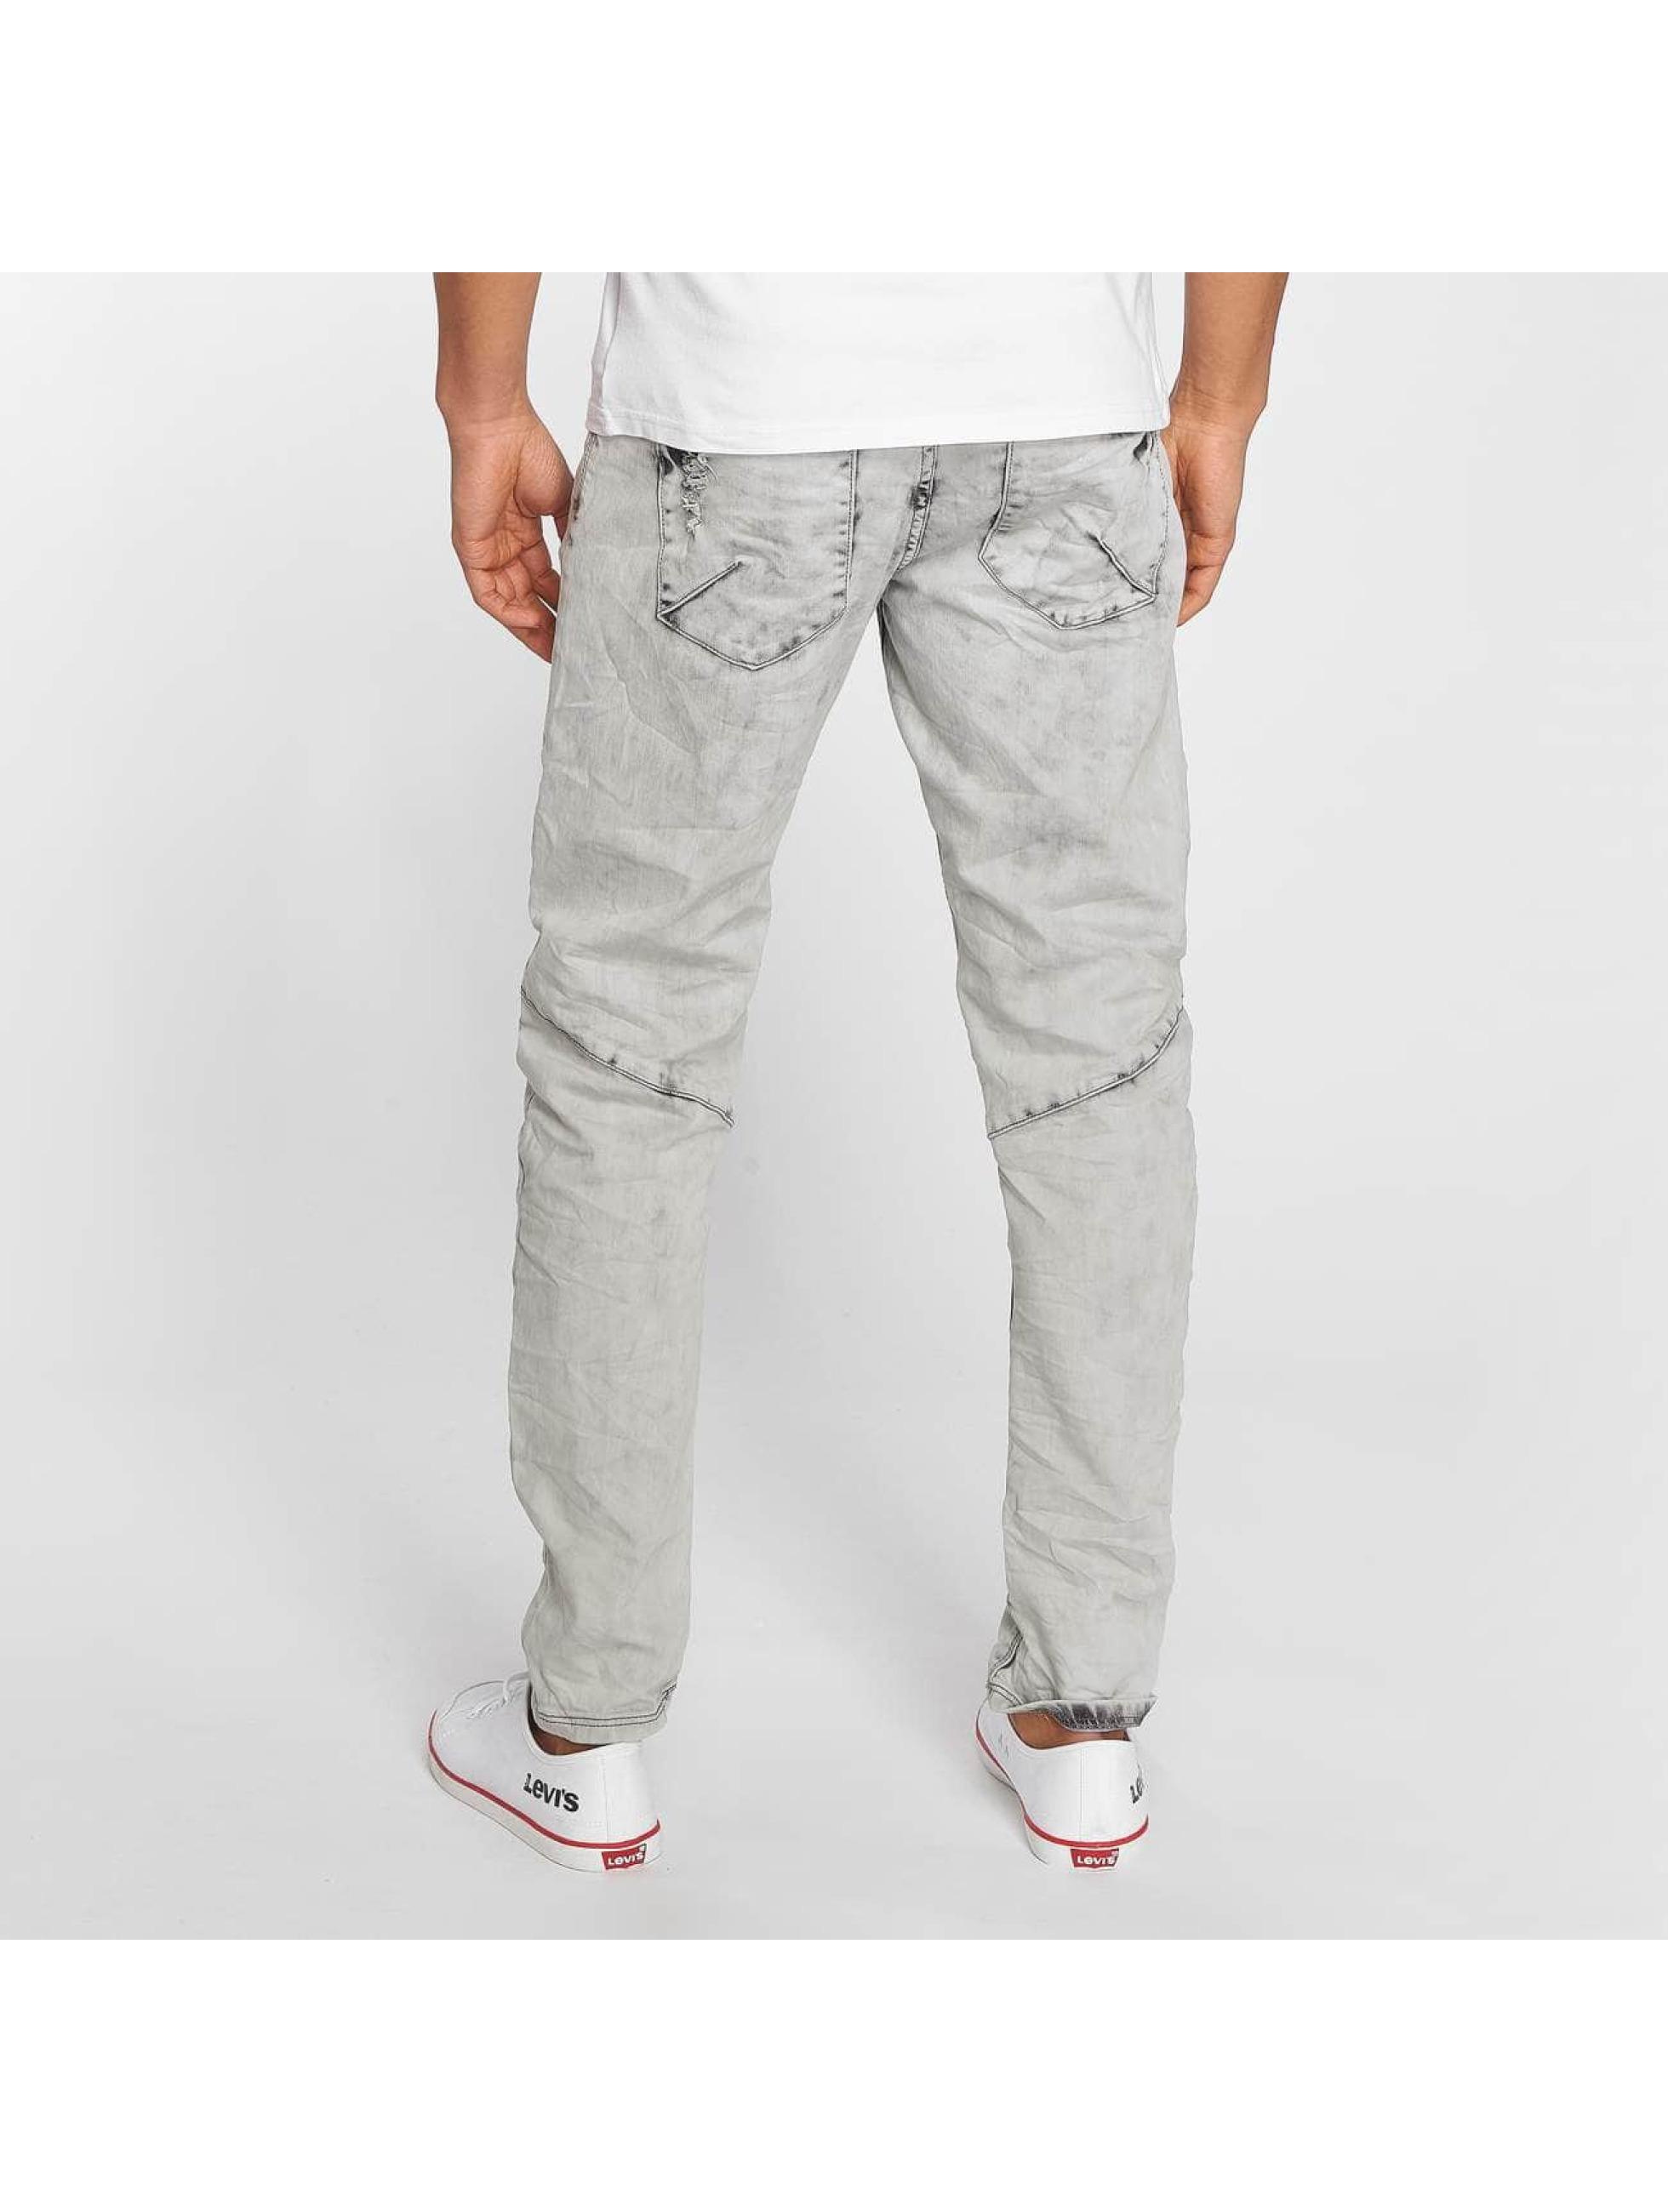 Sky Rebel Straight Fit Jeans Elay grau